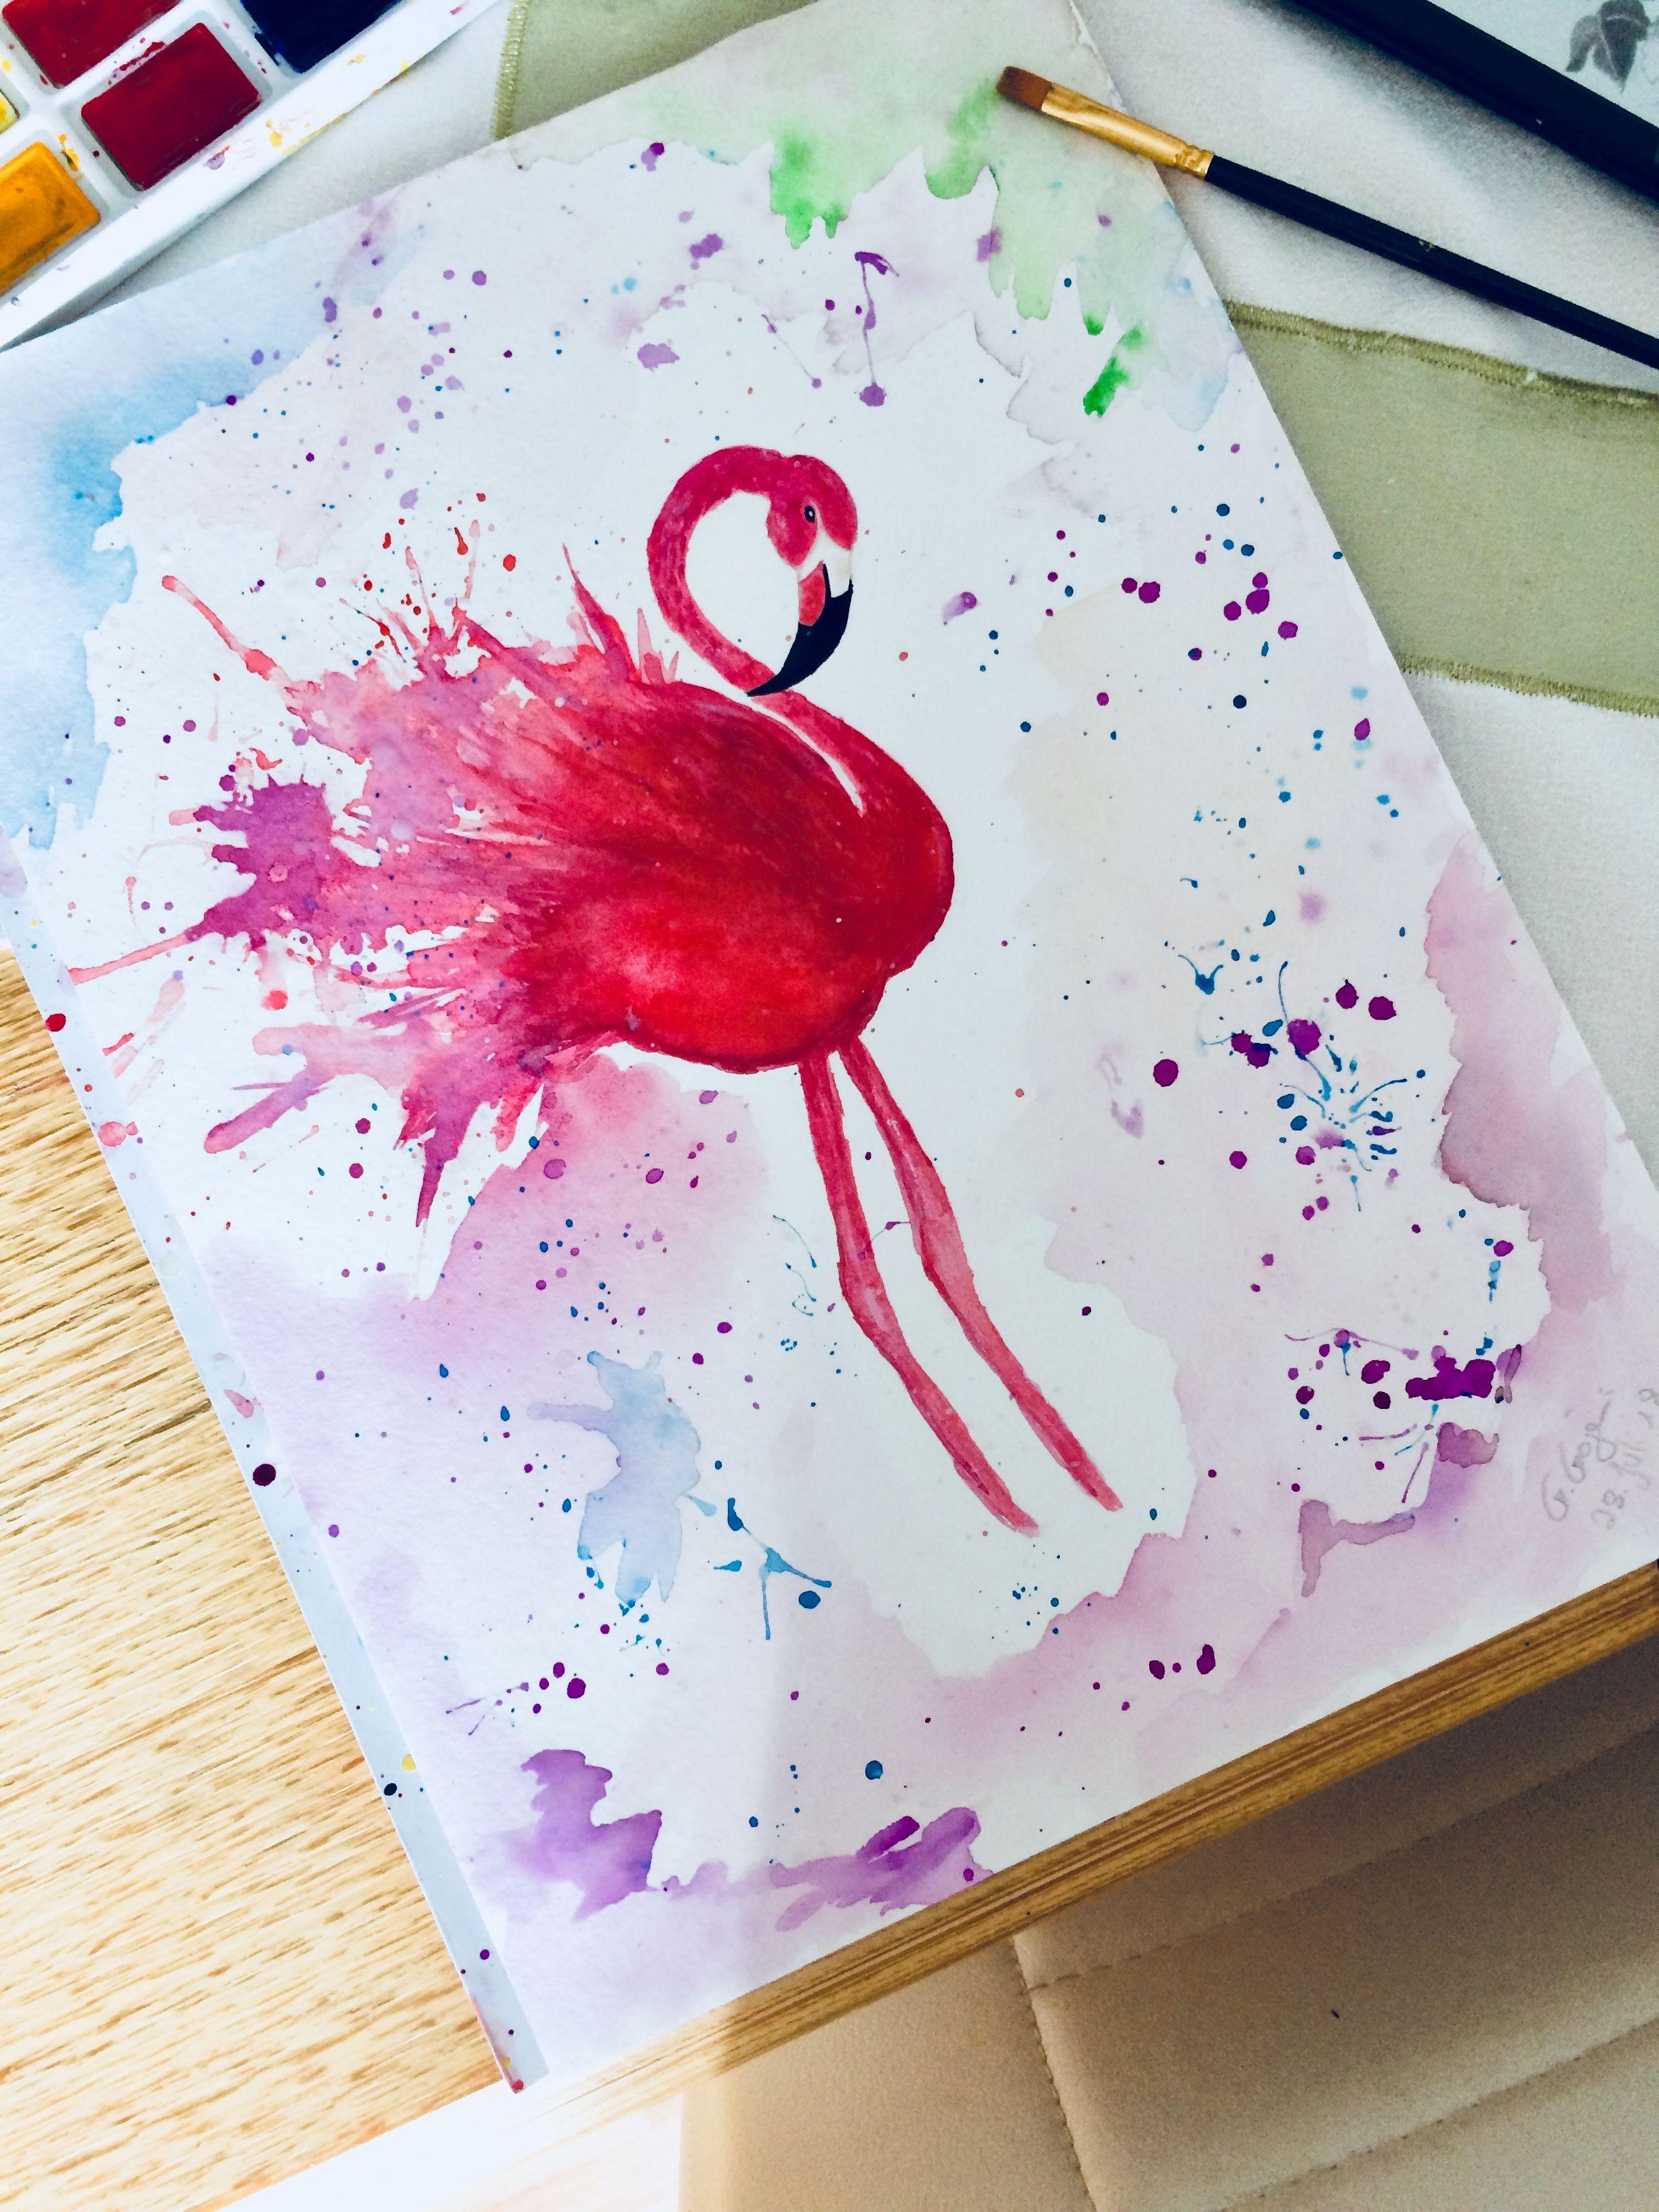 Aquarell Malen Zeichnen Zeichnungen Kreativ Geschenk